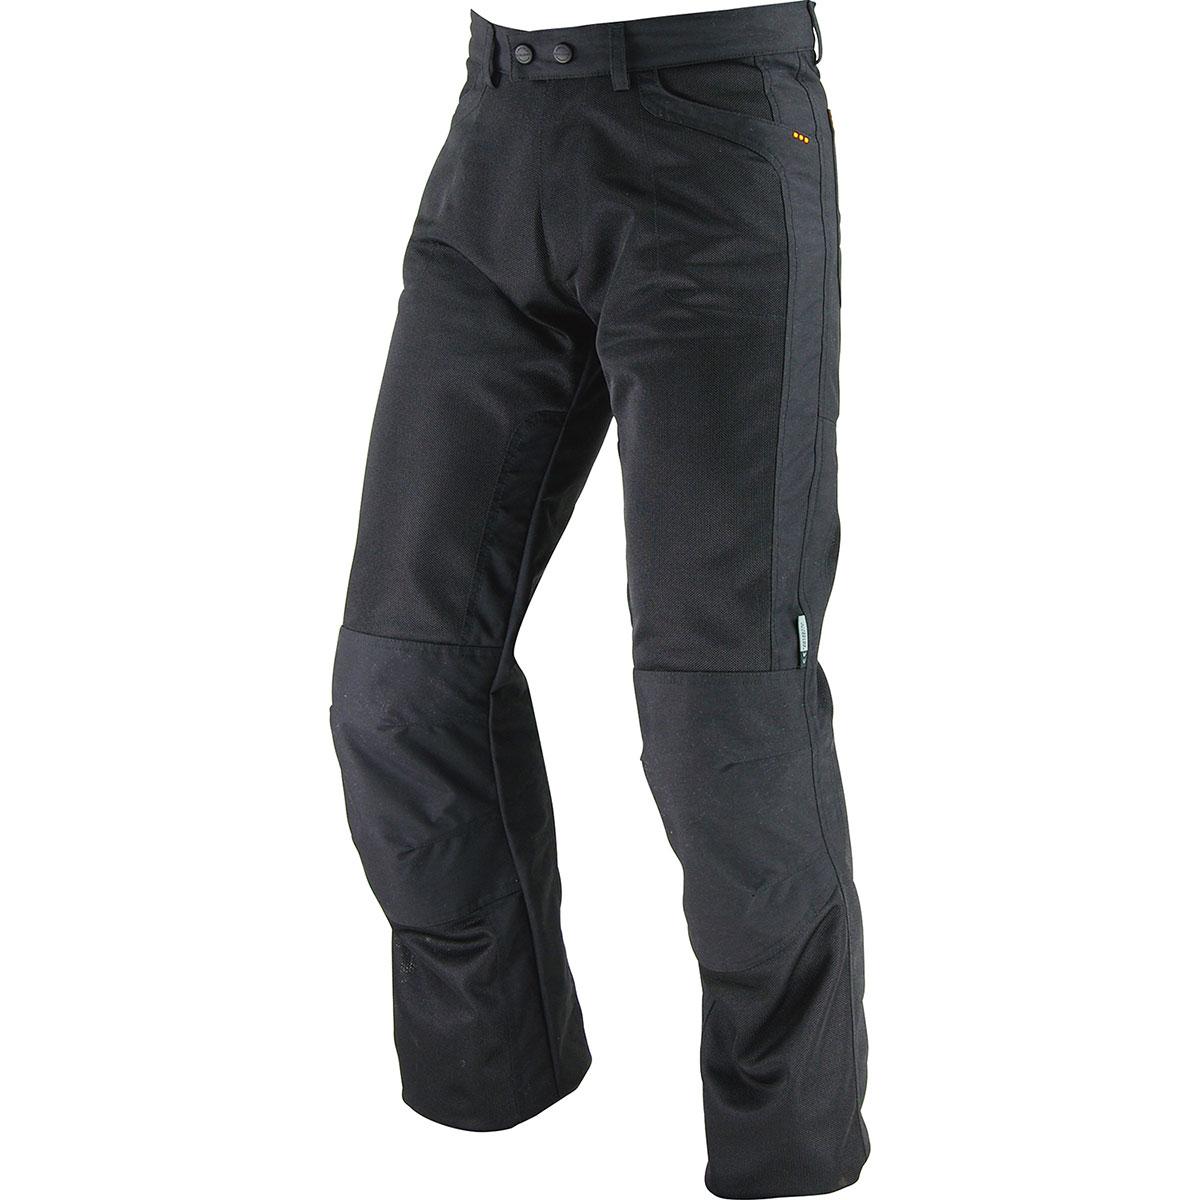 入手困難 コミネ Komine バイク用 パンツ Pants PK-710 ライディングメッシュジーンズ 黒 BK 6XLBサイズ 評判 6XLB ブラック 07-710